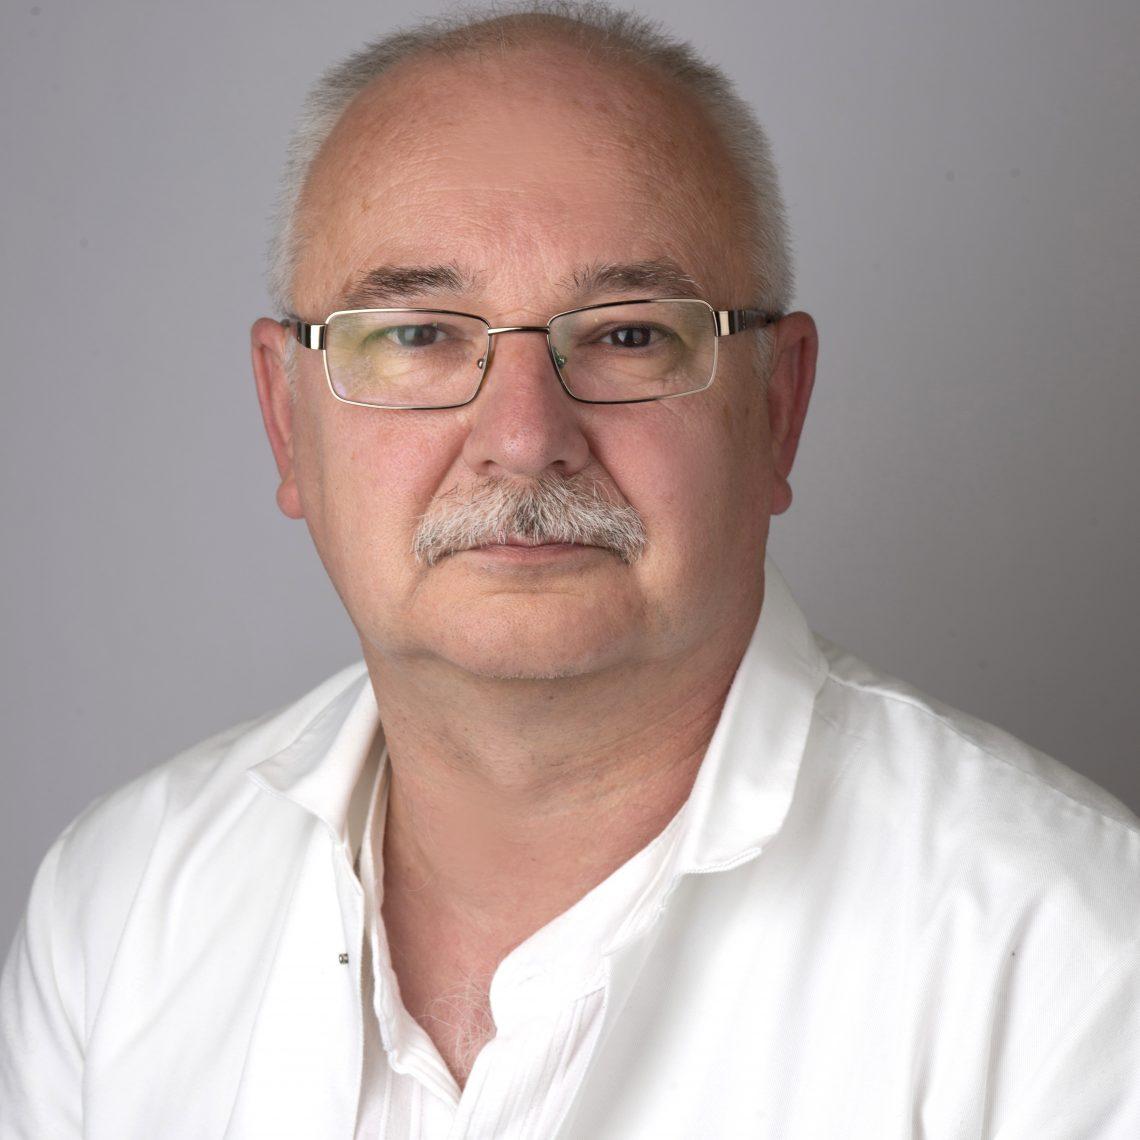 Krzysztof Kasperowicz, M.D. - zdjęcie